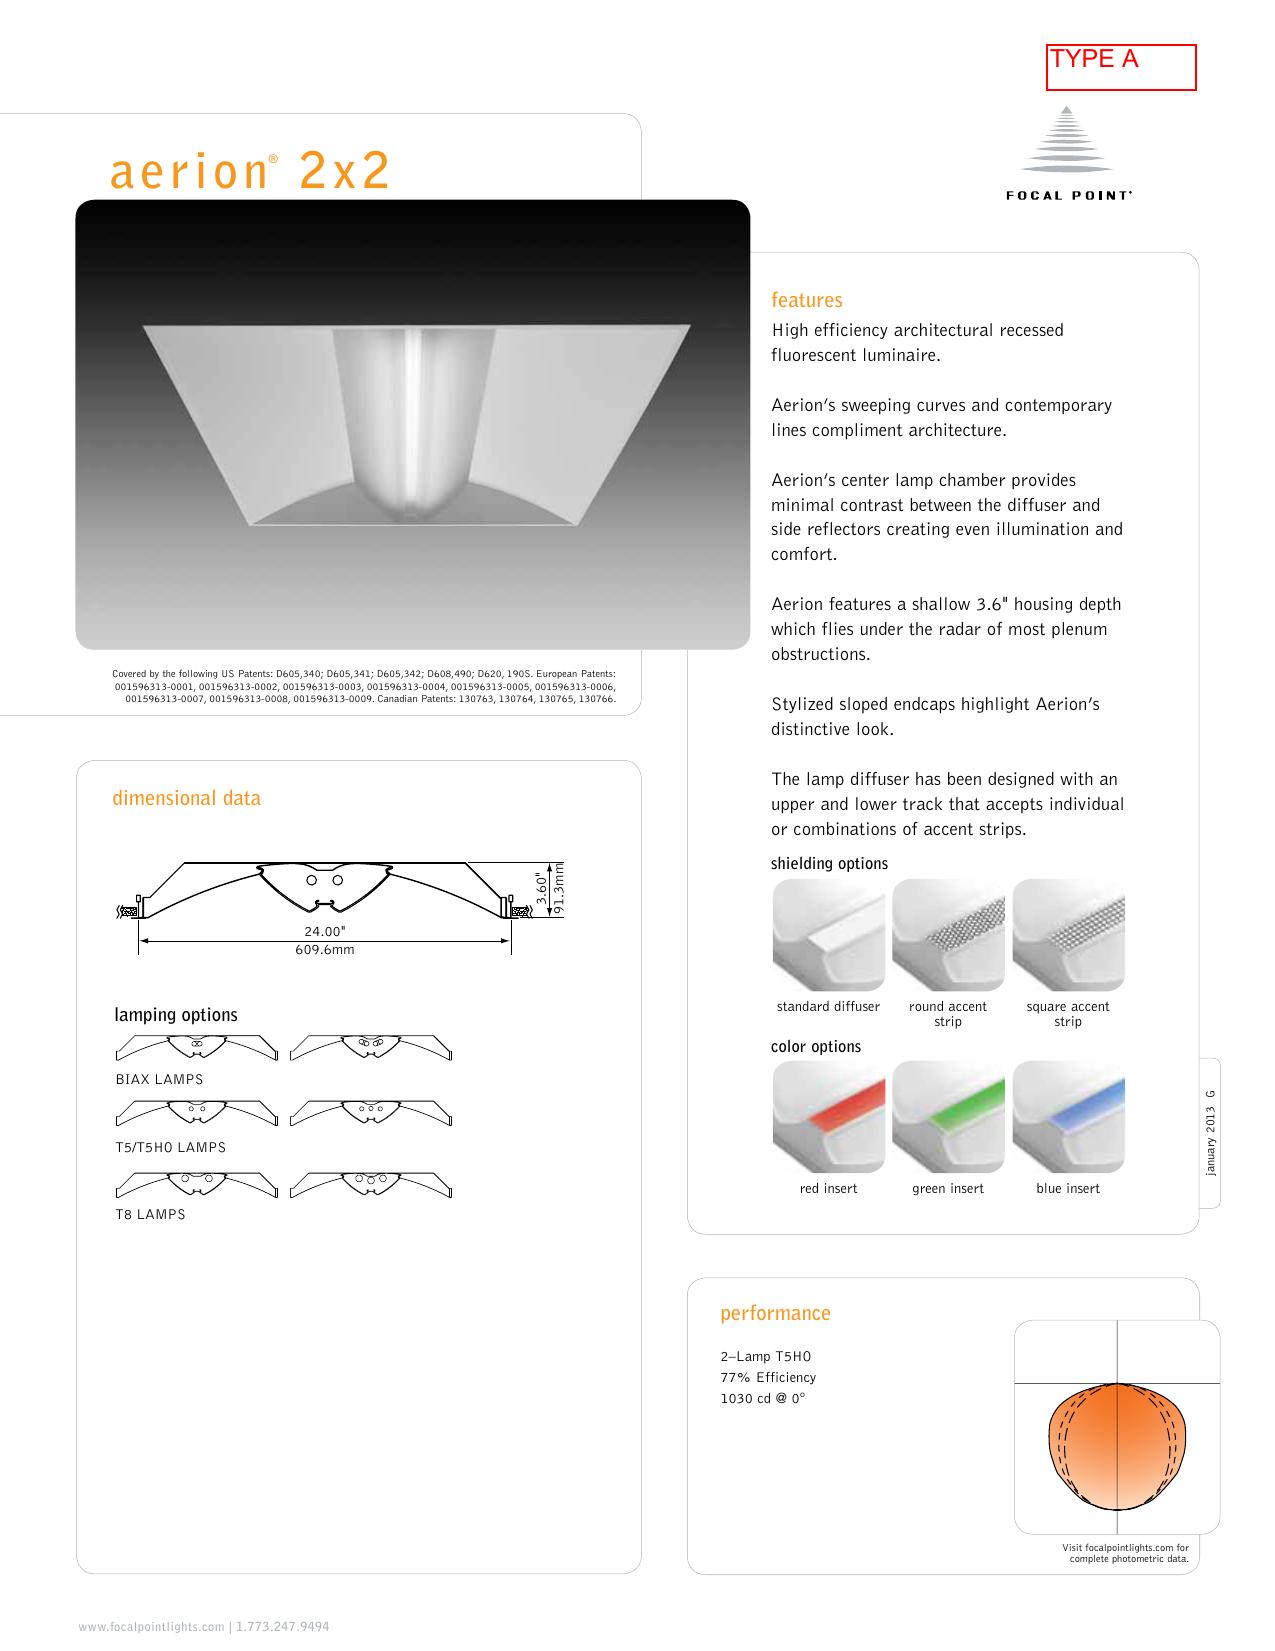 Aerion 2x2 Daniel J Keating Ft 2lamp T5 120volt Residential Electronic Ballast For 21 28watt